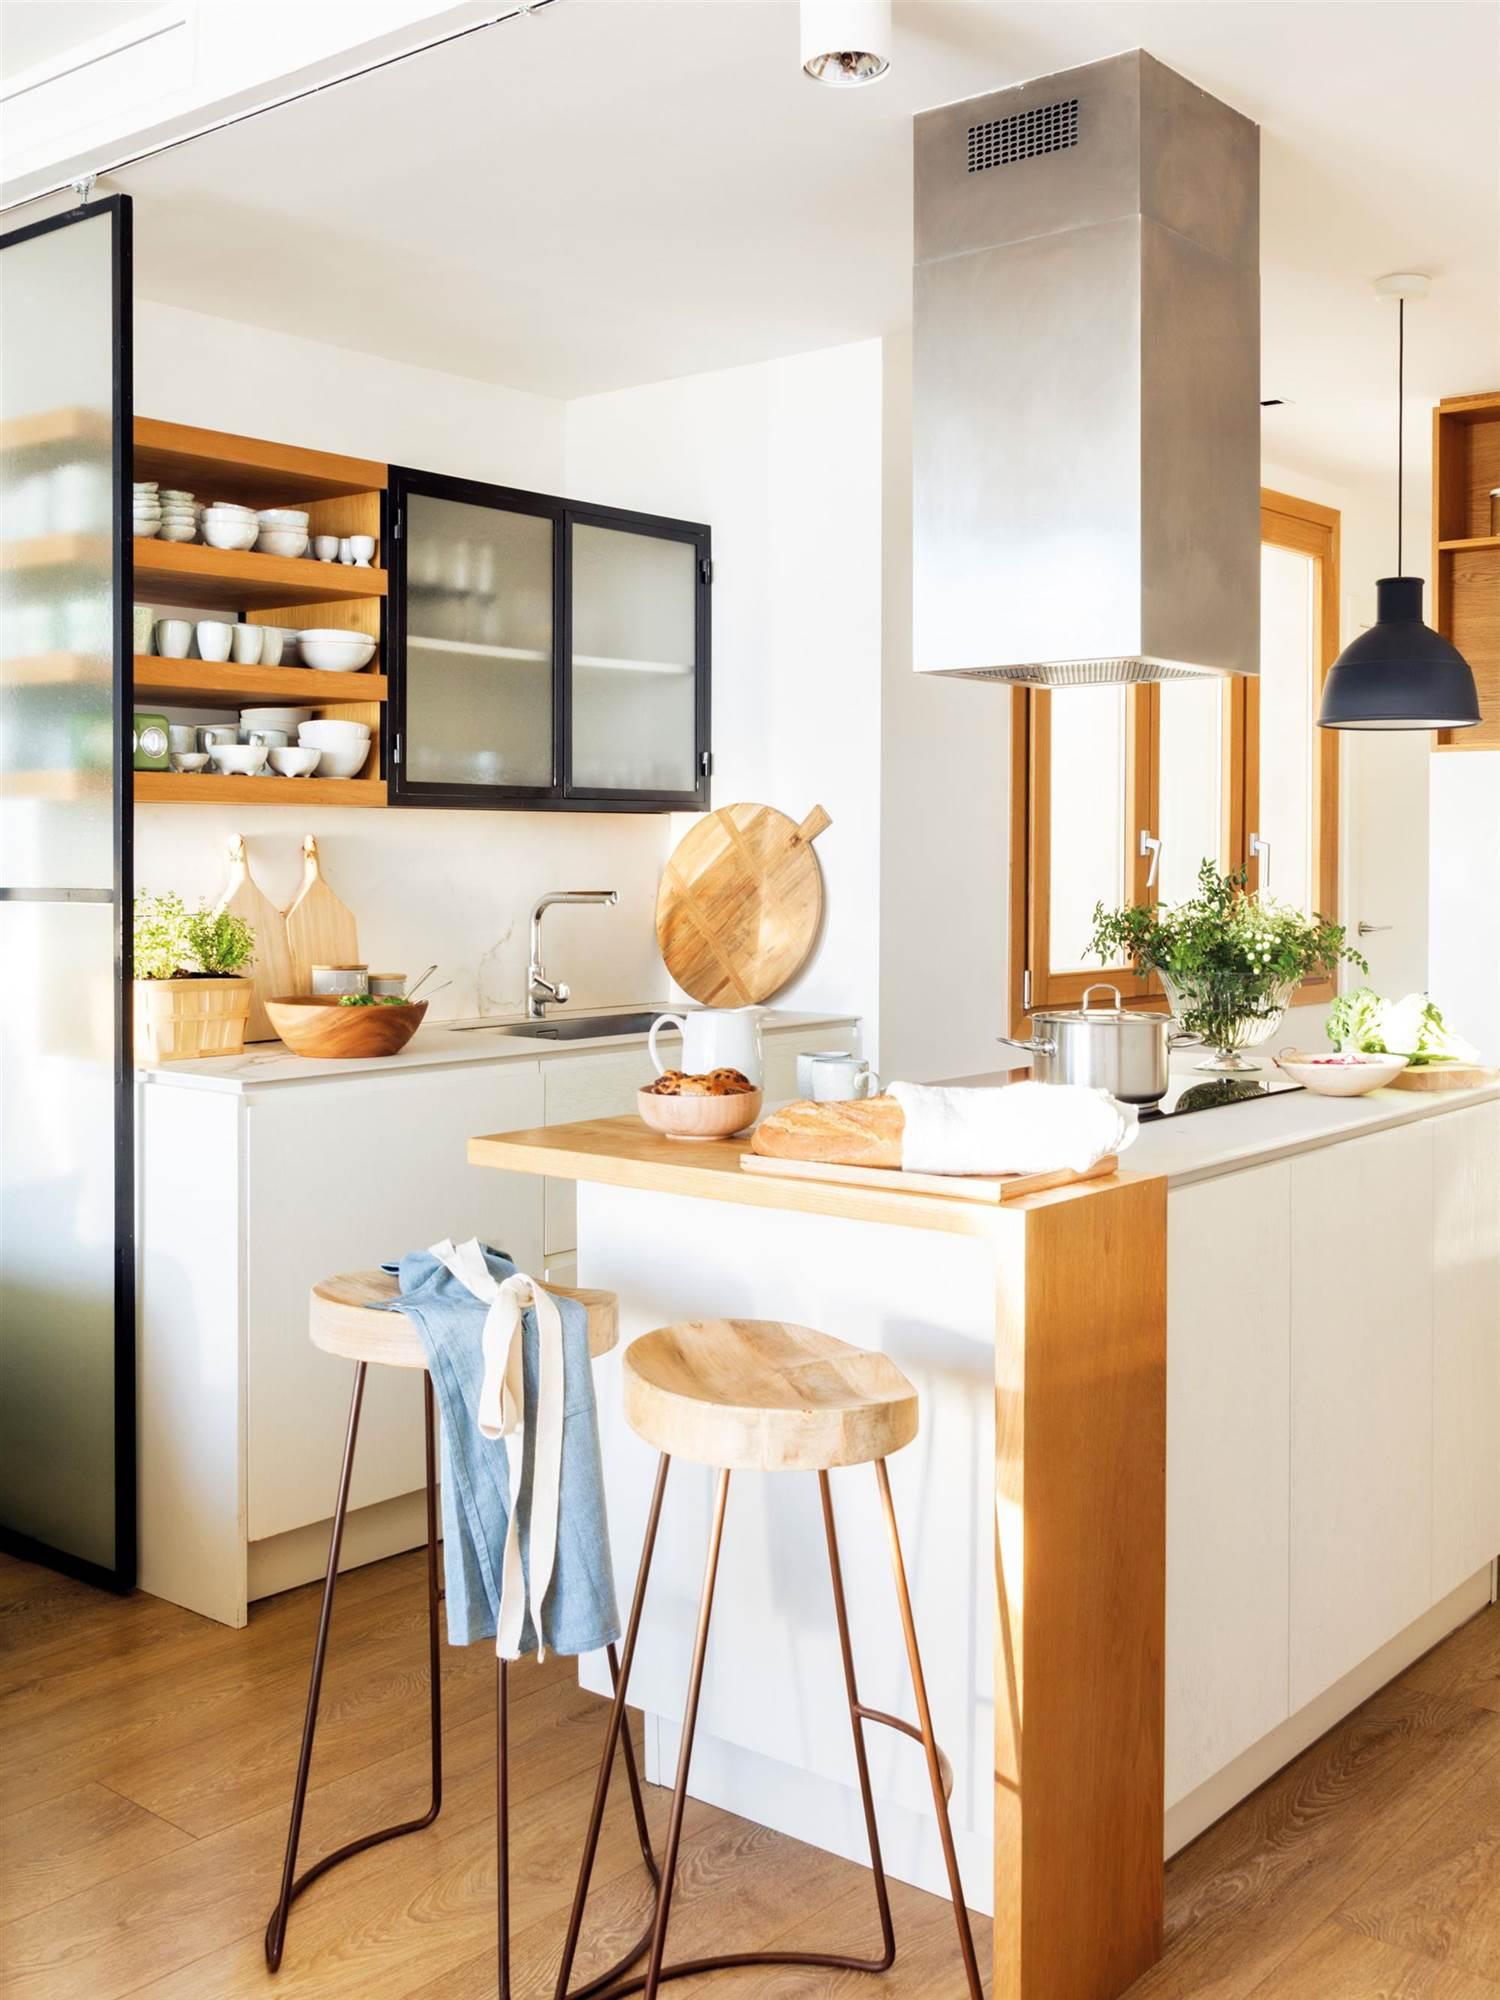 15 fotos de cocinas peque as bien aprovechadas Mejor material para encimeras de cocina